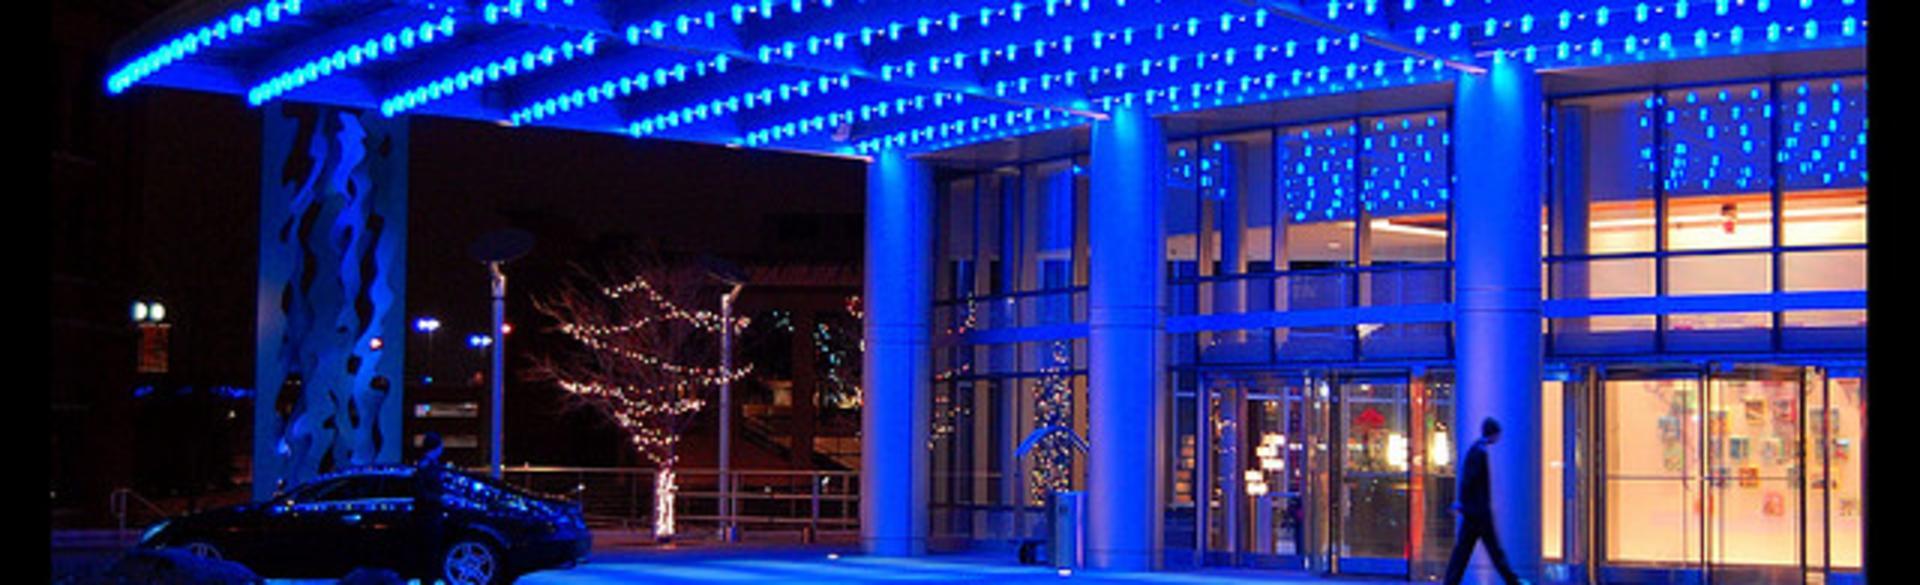 JW Marriott Entrance